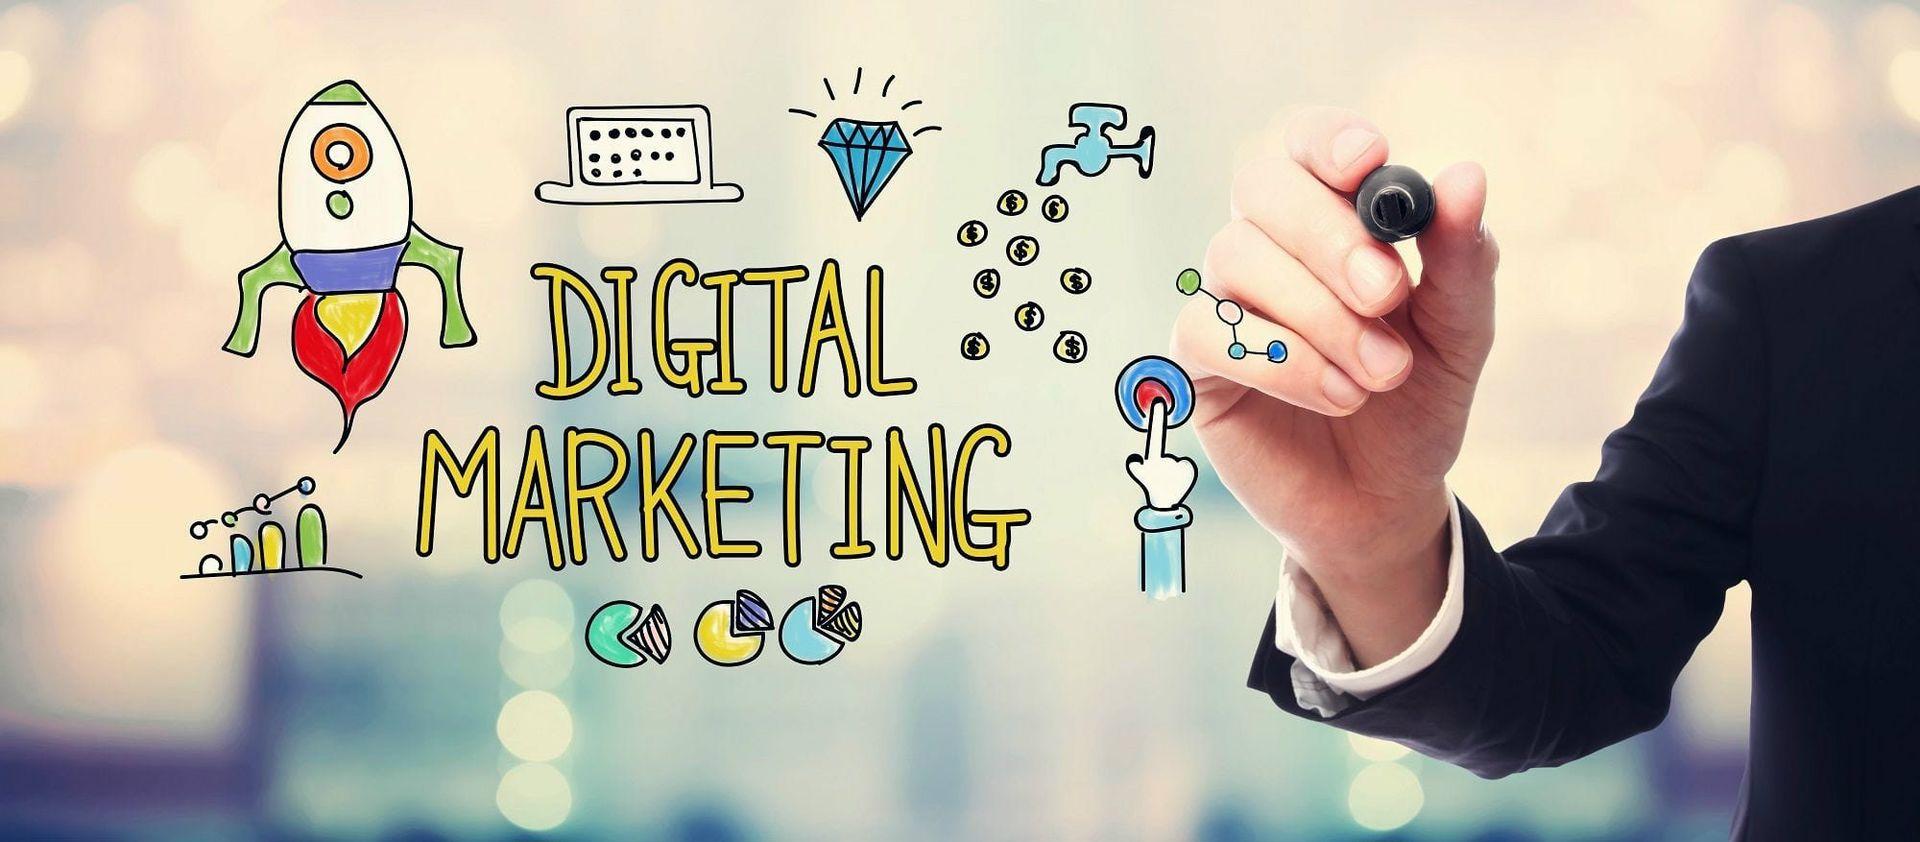 digital-marketing-header-2000×877-digital-marketing